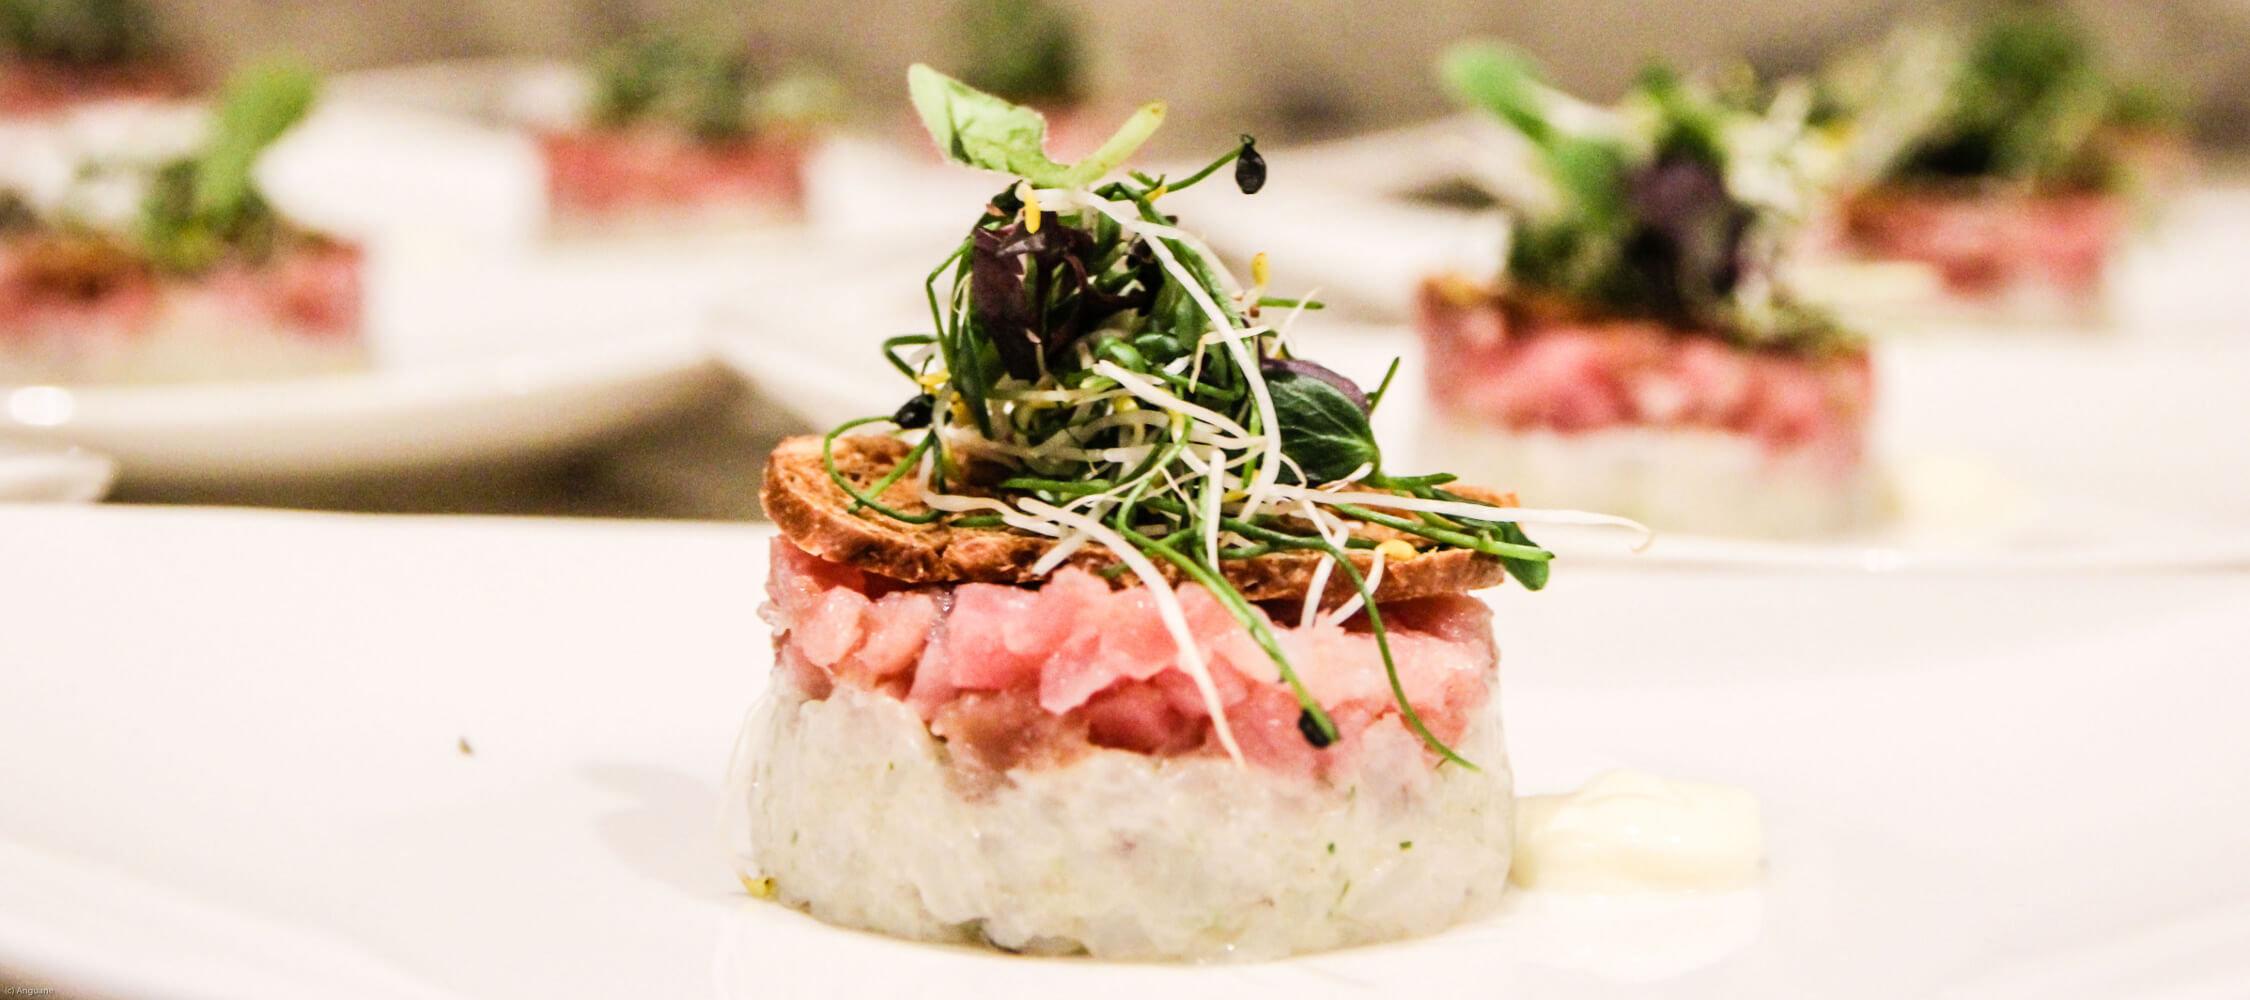 Restaurant_Tapas_Bar_The_Gallery_City_Hotel_Merano_Essen_Fisch_Tapas_Antipasto_Vorspeise_Hauptspeise_Dinner_Abend_Menu_Anguane_NY16-3645_2250x1000